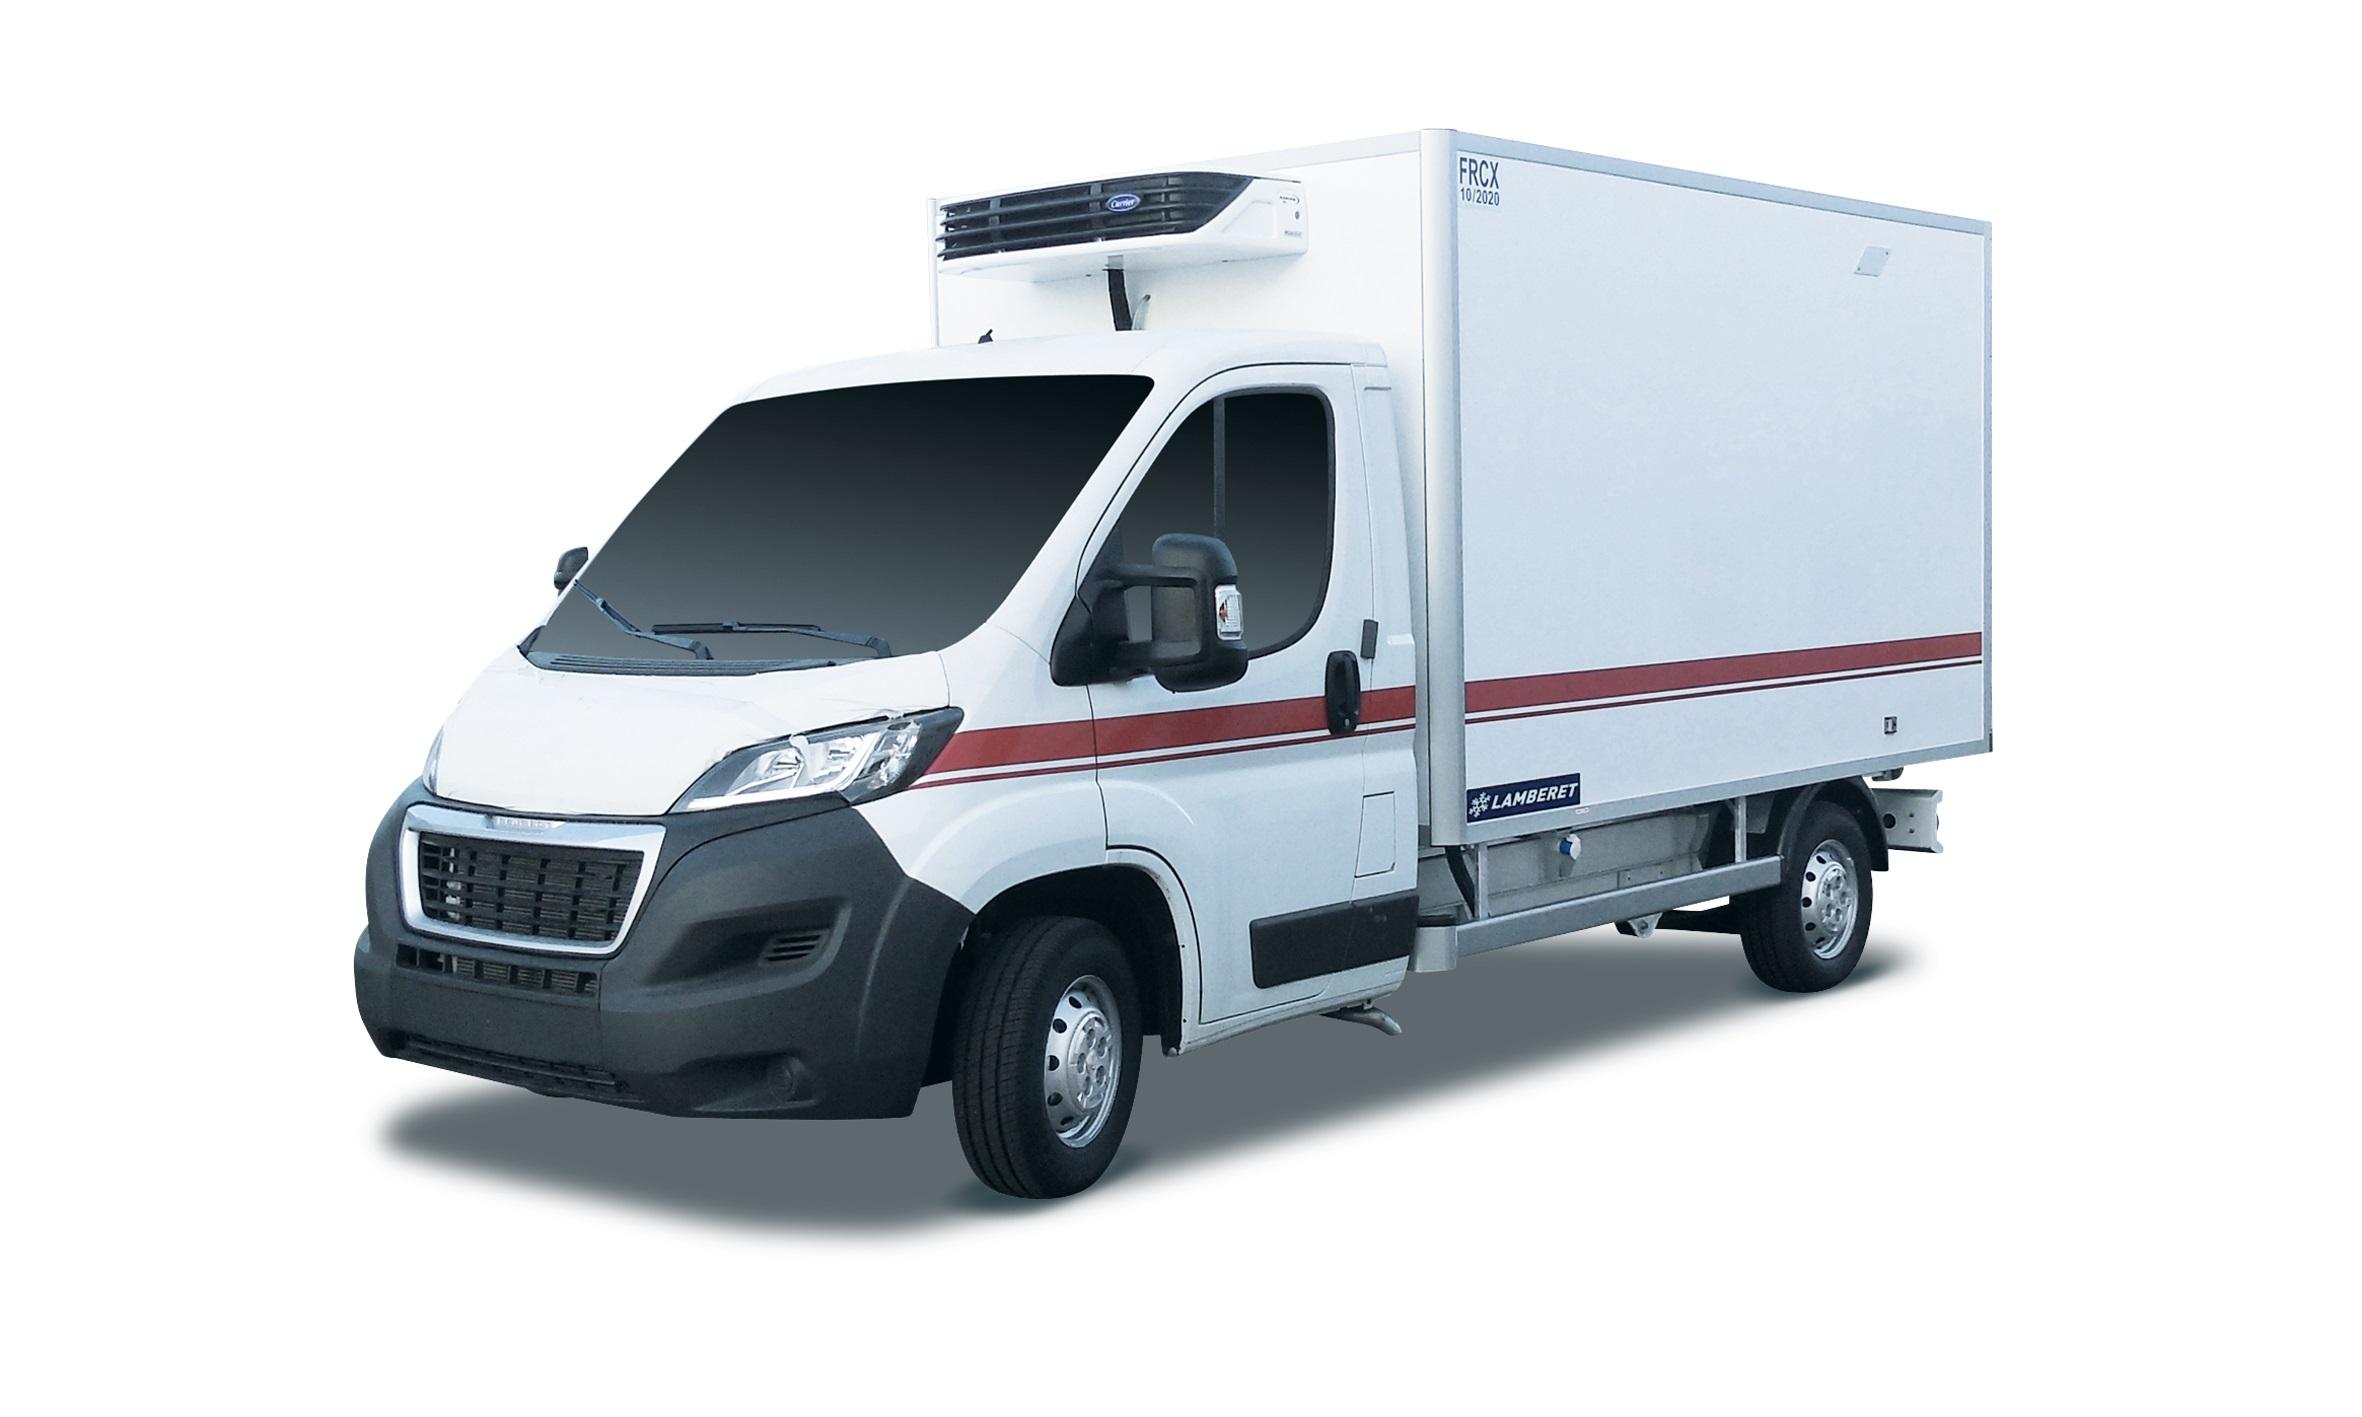 Scania pronta a conquistare l'industria delle costruzioni con Scania XT - image 003270-000030306 on http://mezzipesanti.motori.net